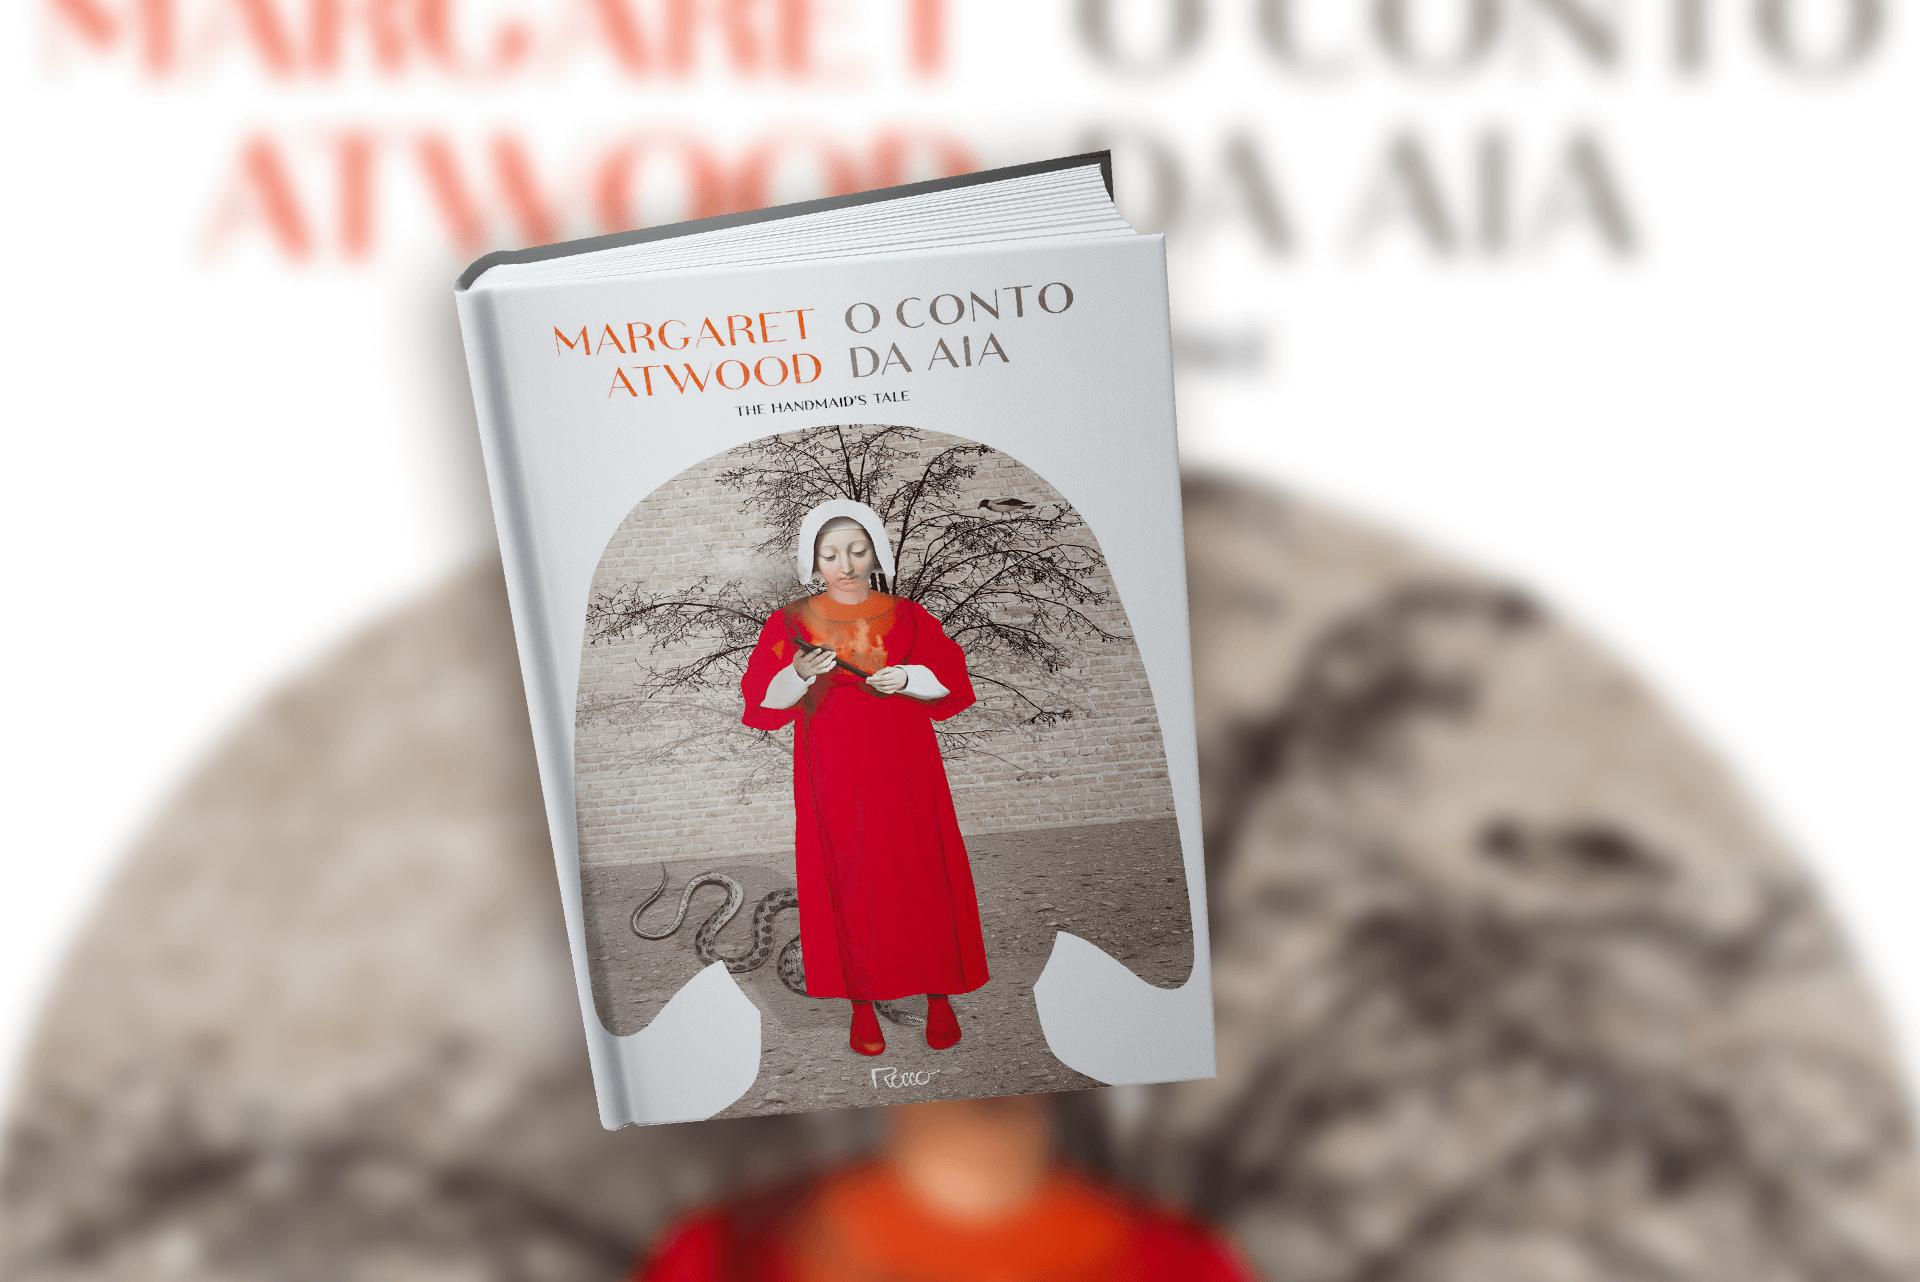 O conto da aia= the handmaid's tale